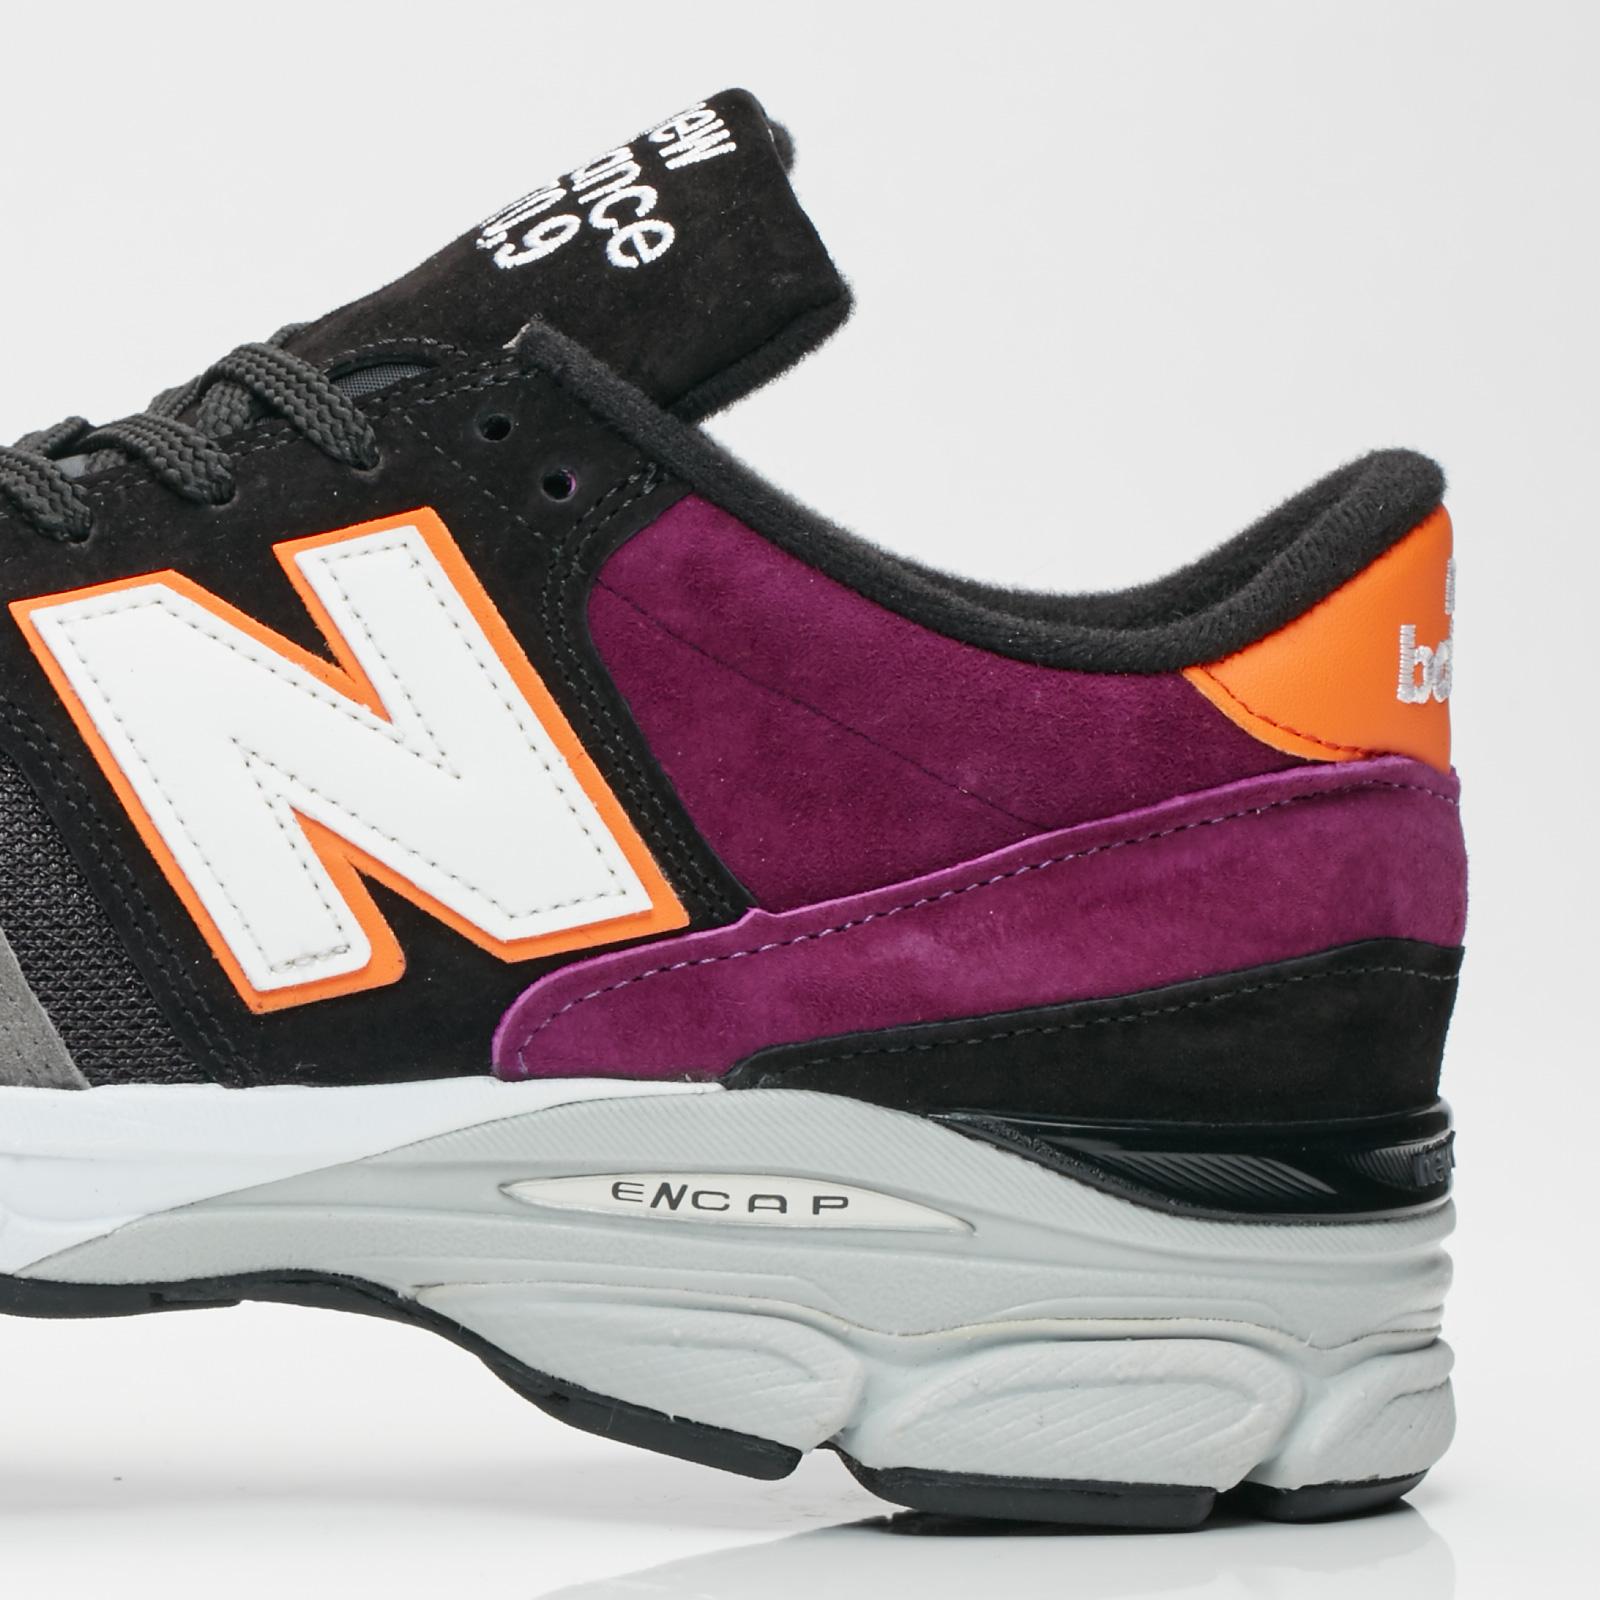 new balance 770 köpa